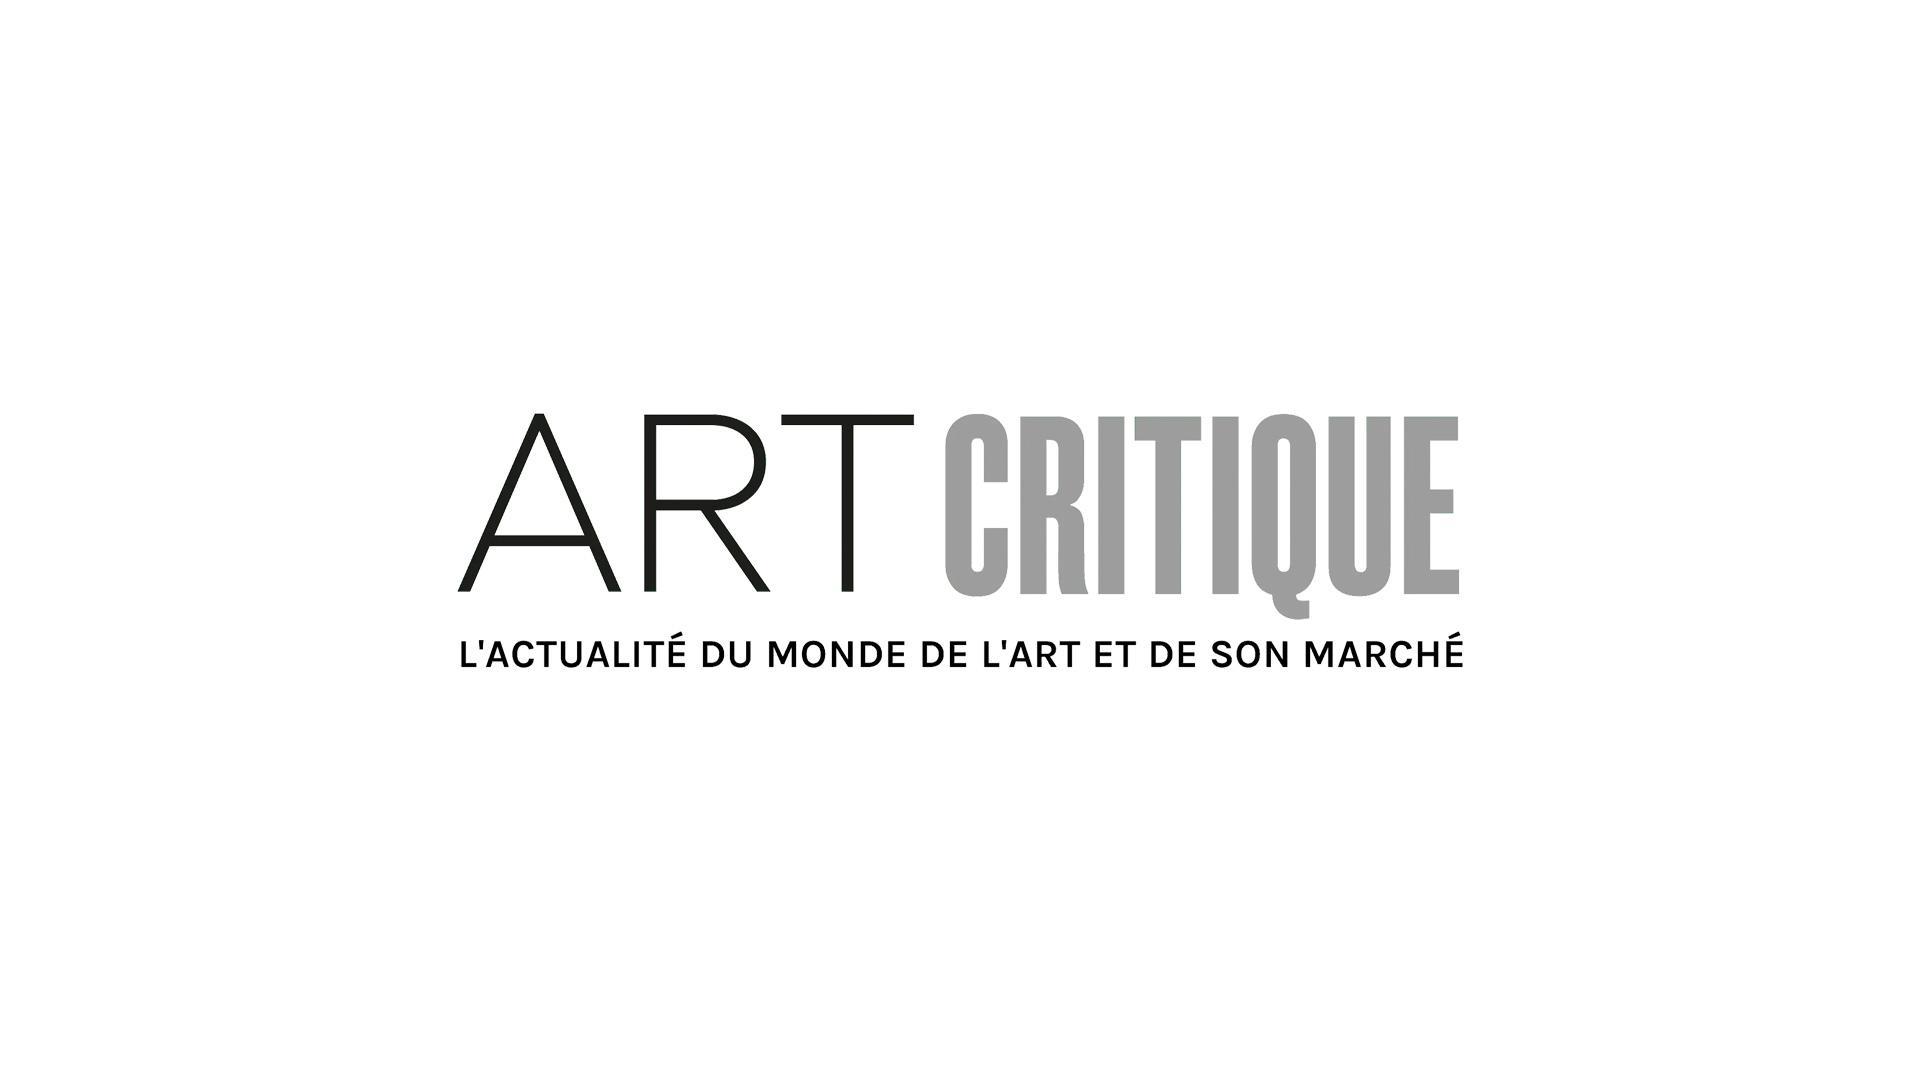 Opéra Monde, la quête d'un art total